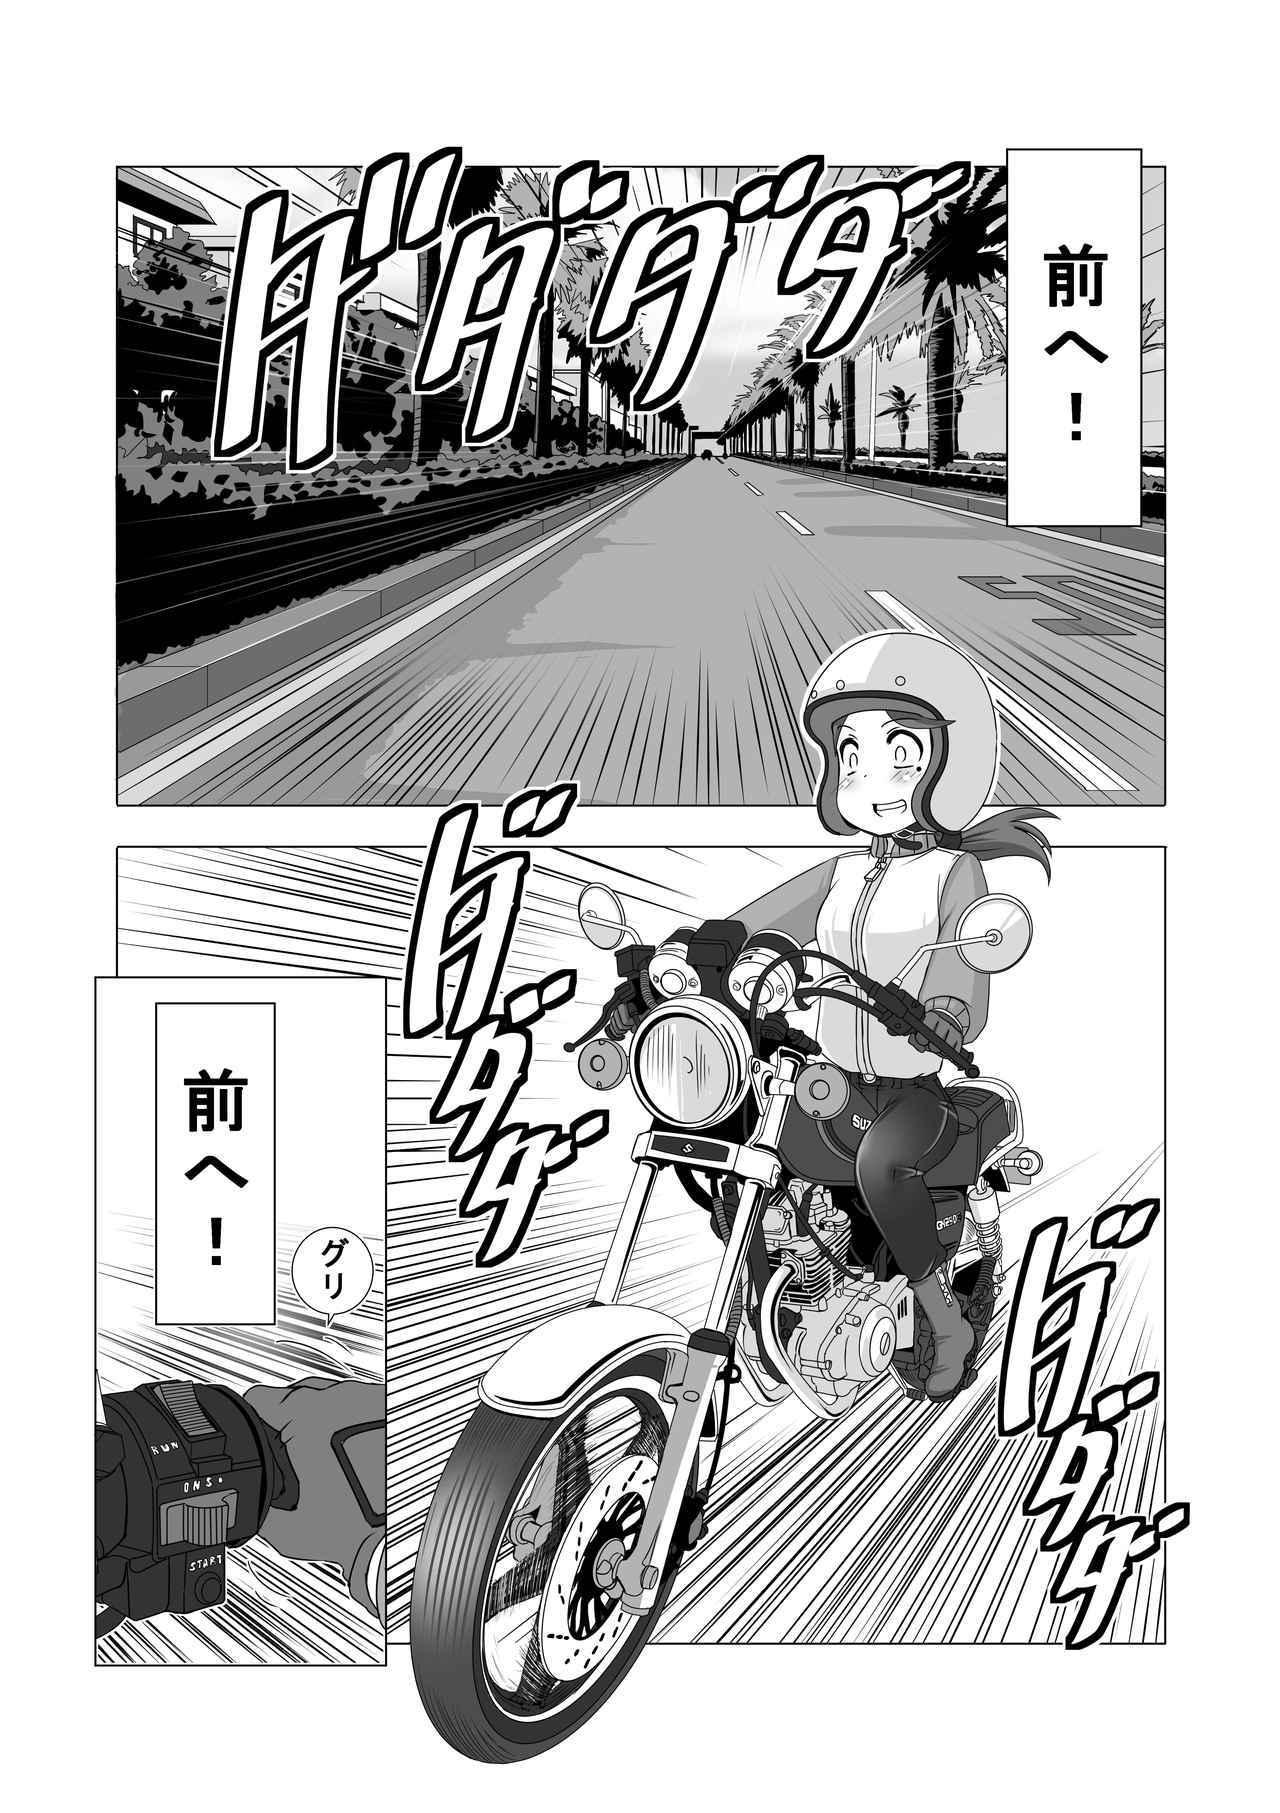 【連載】馬場郁子がこよなくバイクを愛す理由(第十二話:それは始まりに過ぎないワケ)作:鈴木秀吉